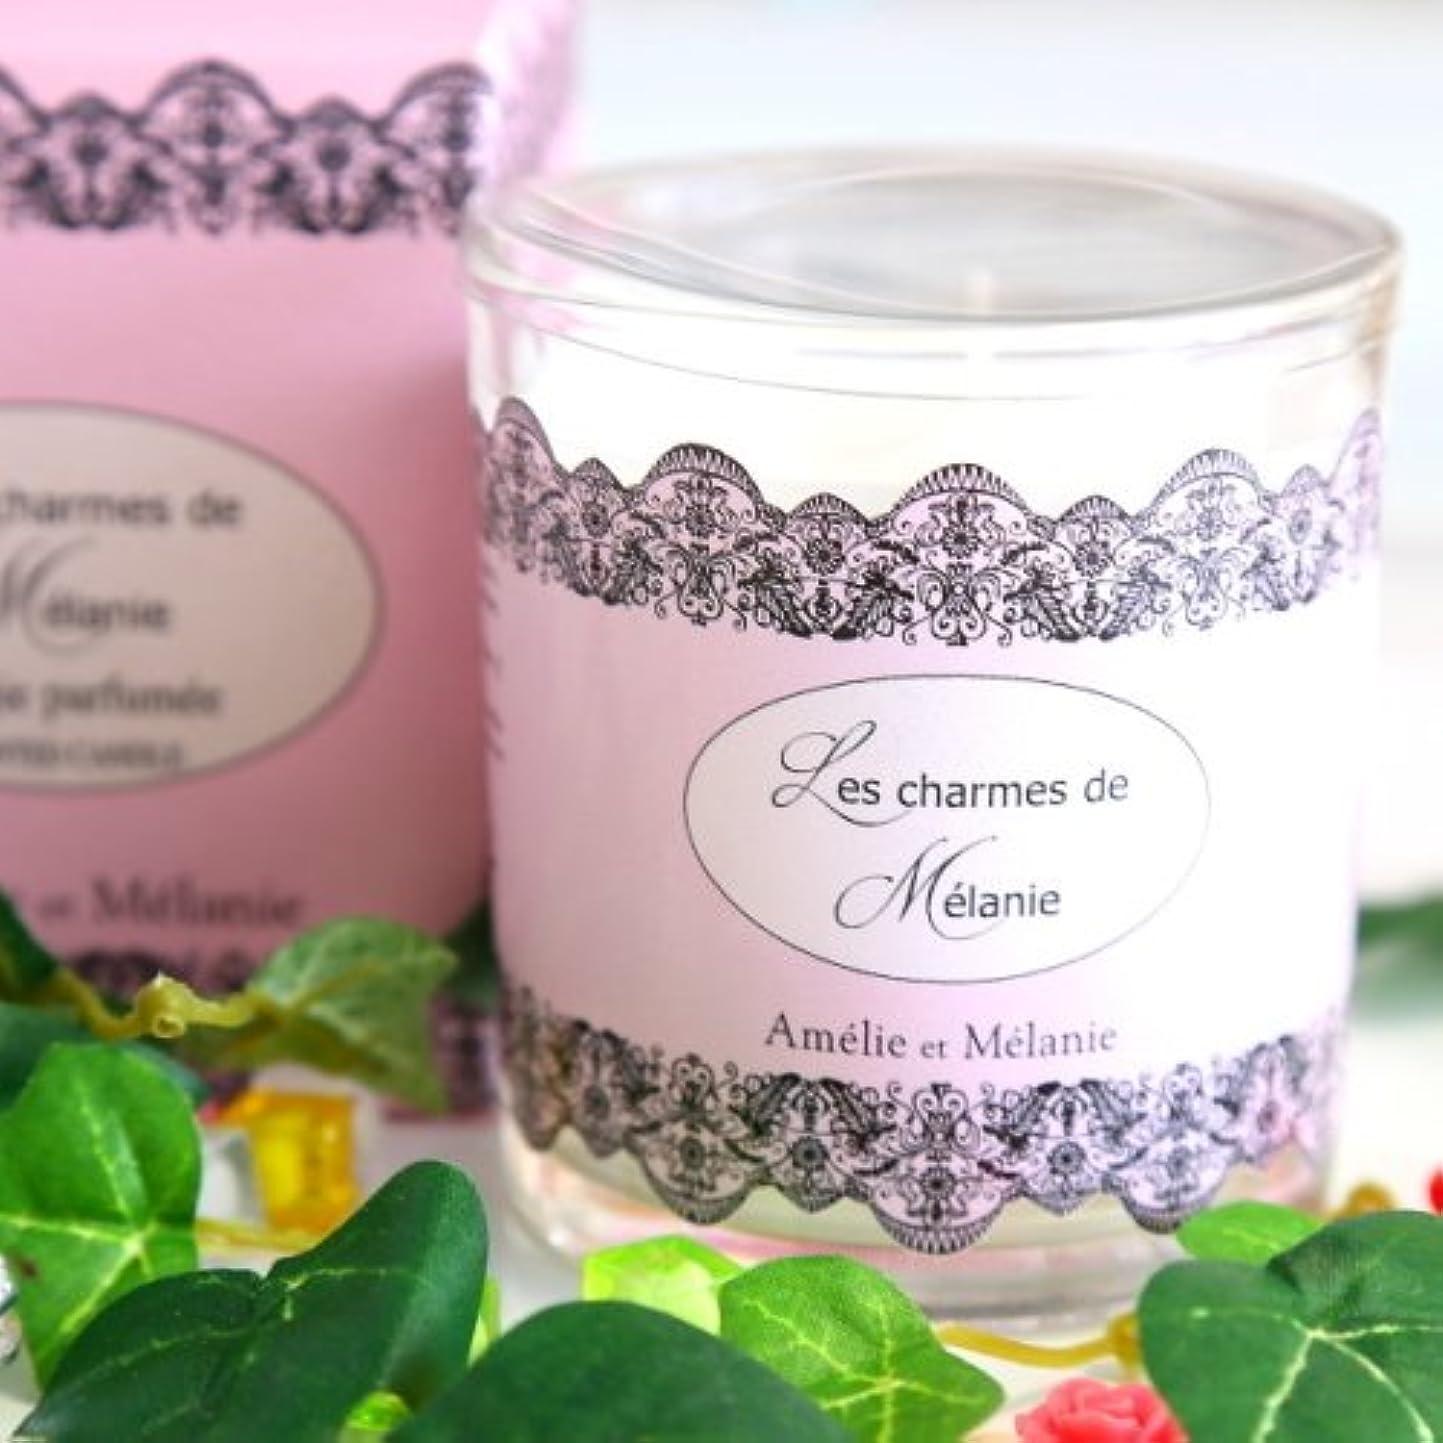 キャリア歴史的無効にするアメリー&メラニー シャルムドゥメラニー グラスキャンドル 140g フレッシュフローラルな香り